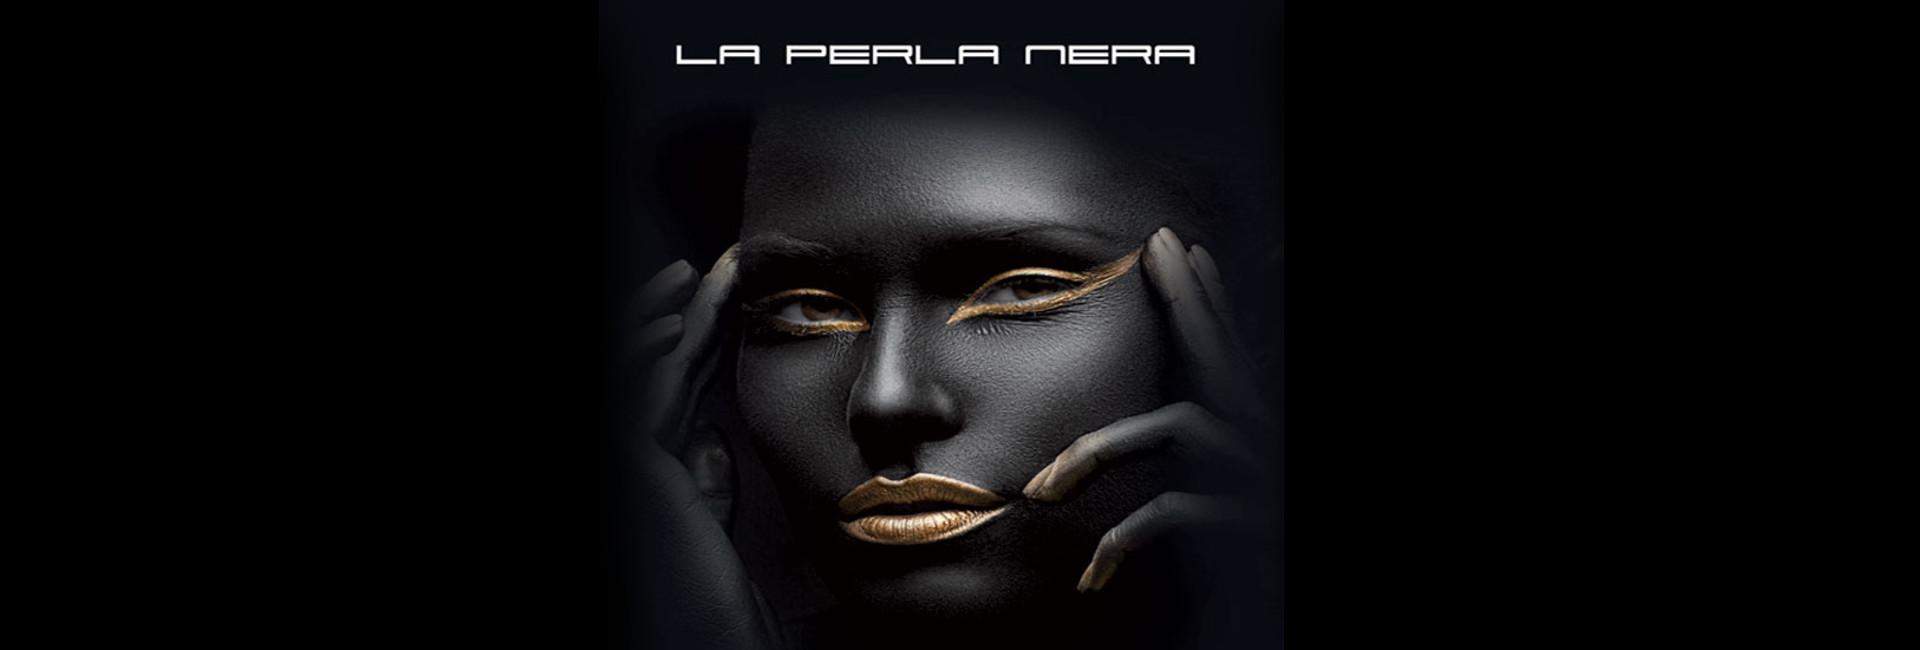 La Perla Nera – méregtelenítő kezelés